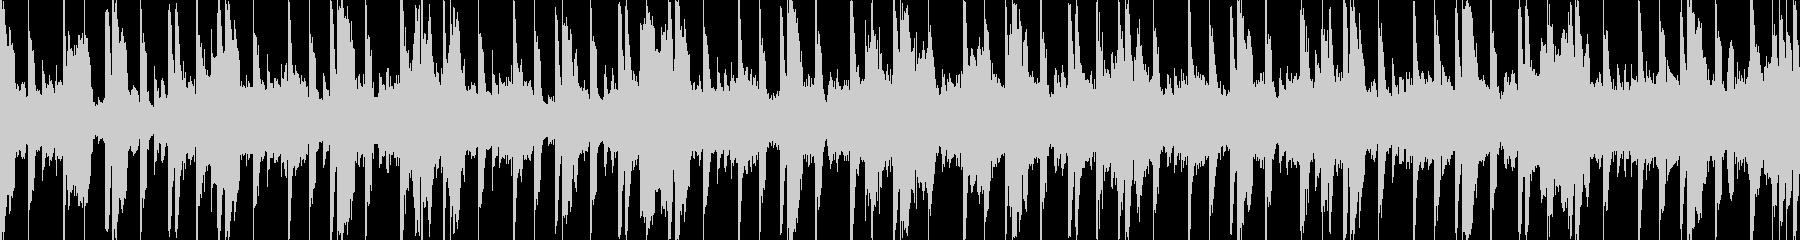 待機画面のようなイメージ楽曲の未再生の波形